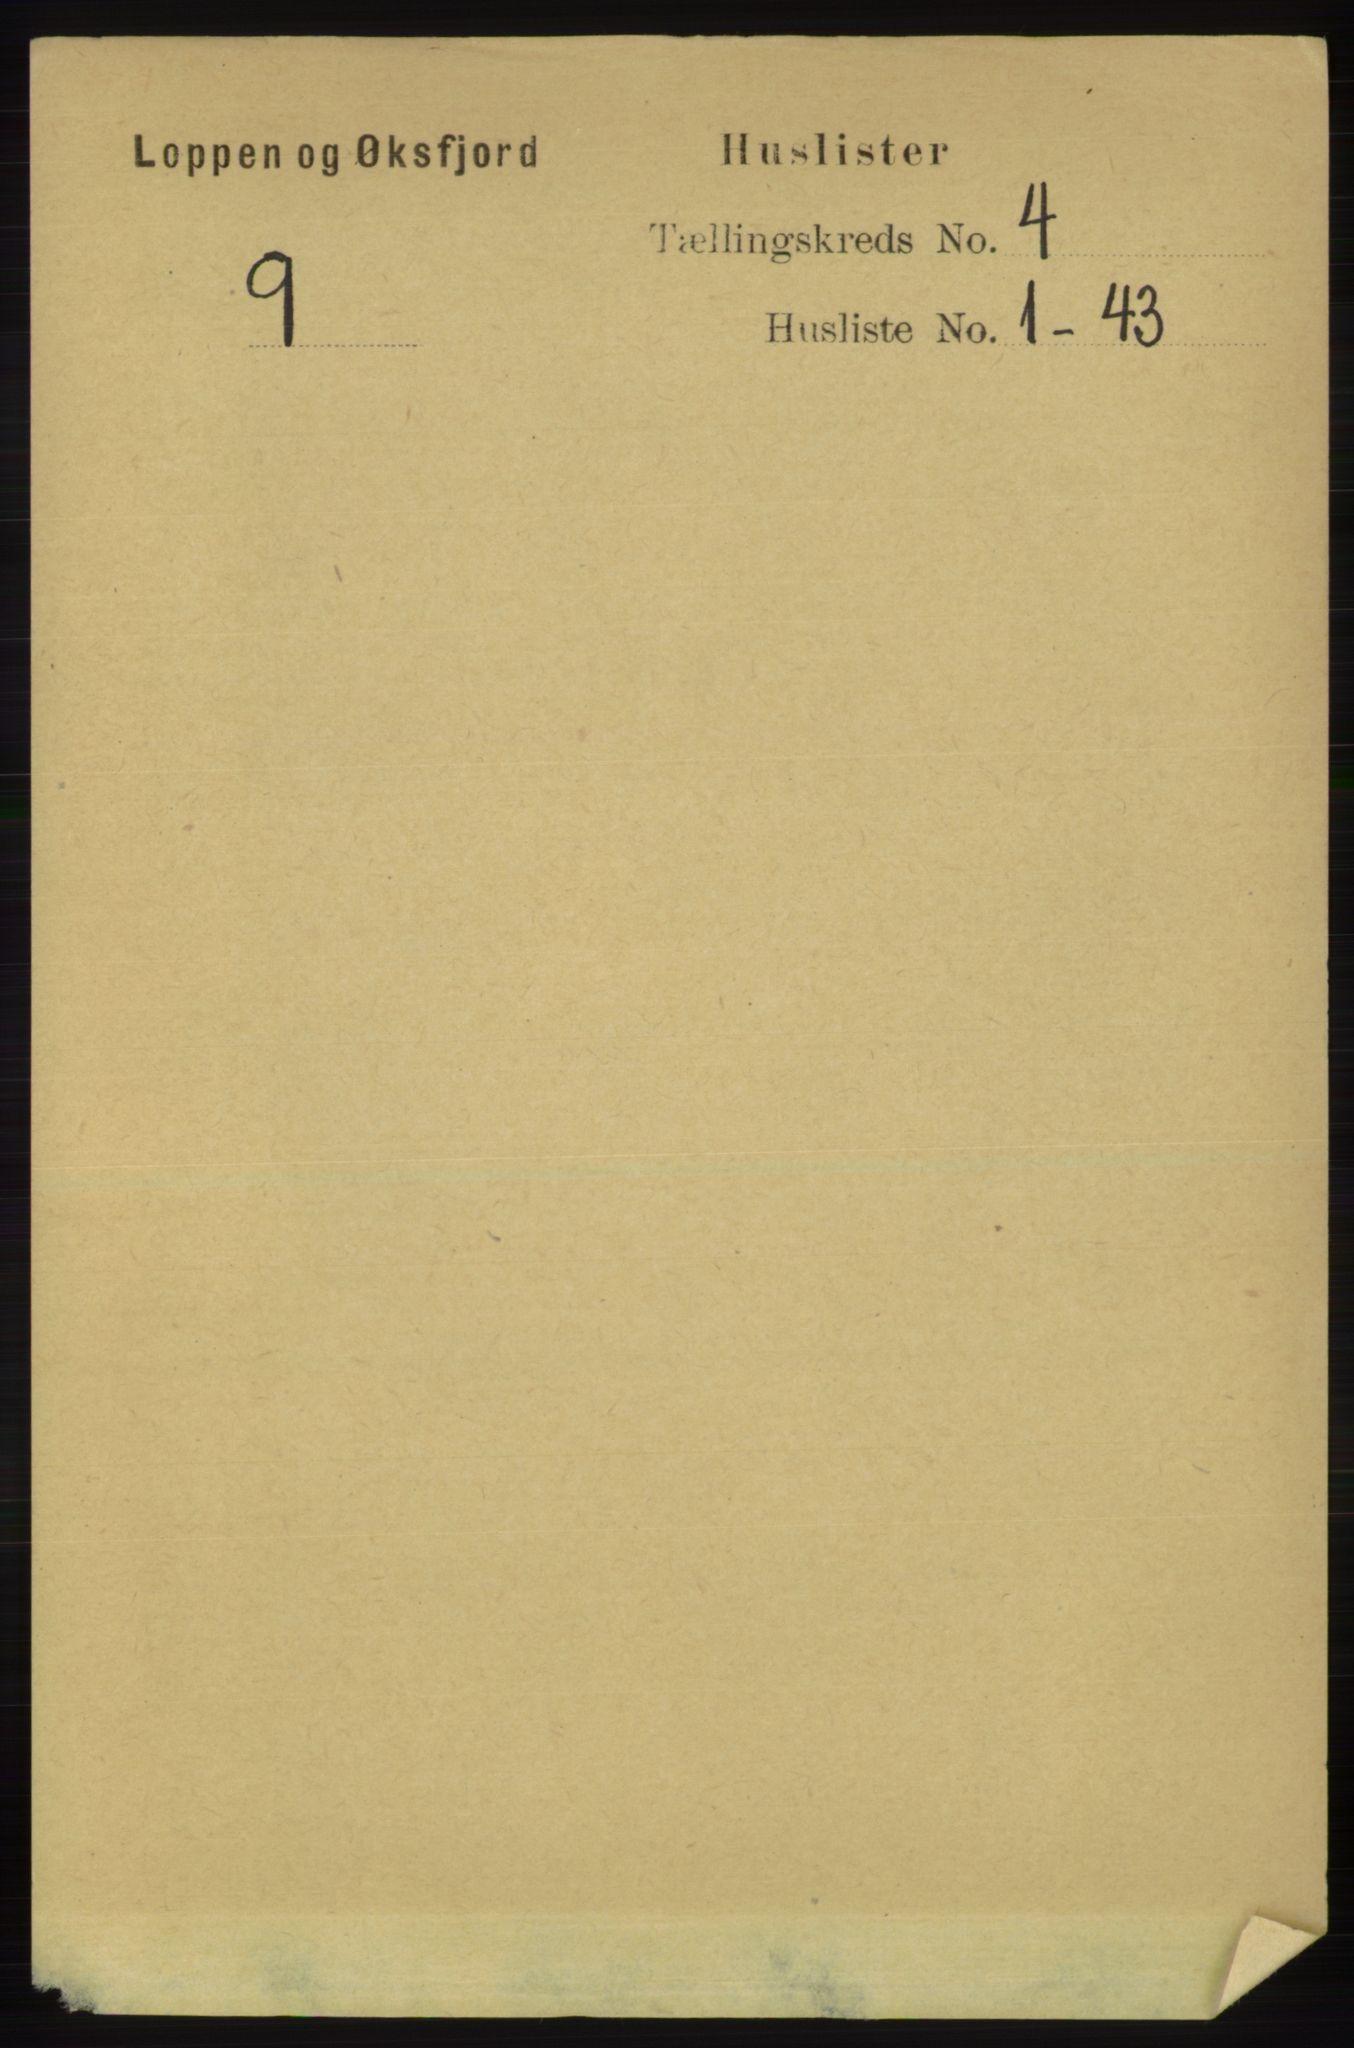 RA, Folketelling 1891 for 2014 Loppa herred, 1891, s. 816